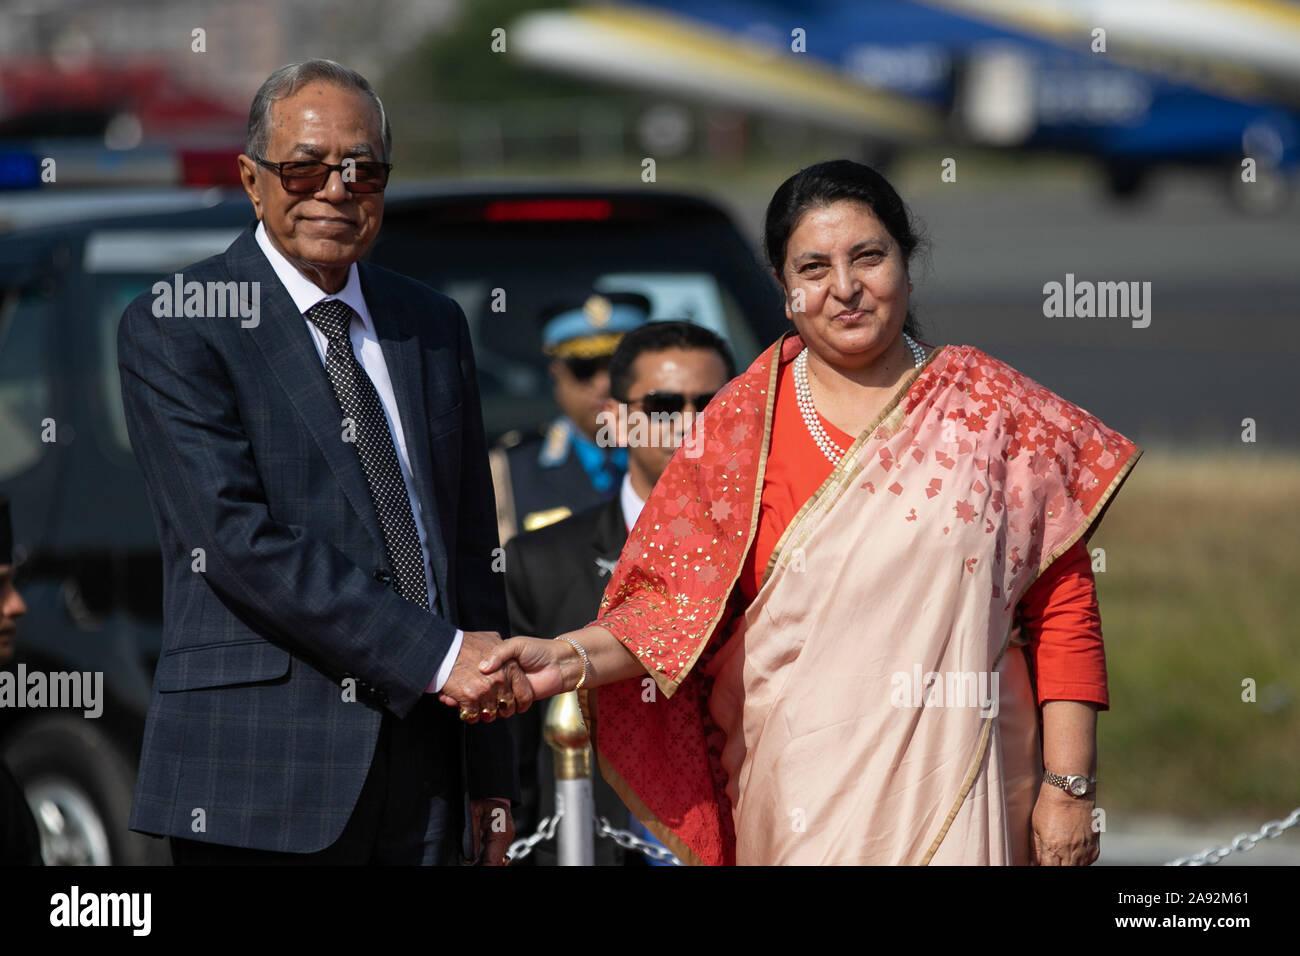 Katmandou, Népal. 20 Nov, 2019. Le président du Bangladesh, Abdul Hamid (L) et président du Népal, Bidhya Devi Bhandari (R) se serrer la main au cours d'une cérémonie d'accueil à l'aéroport international de Tribhuvan. Le président du Bangladesh est sur une bonne volonté officielle de trois jours à visiter le Népal à l'invitation du président du Népal. Credit: SOPA/Alamy Images Limited Live News Banque D'Images